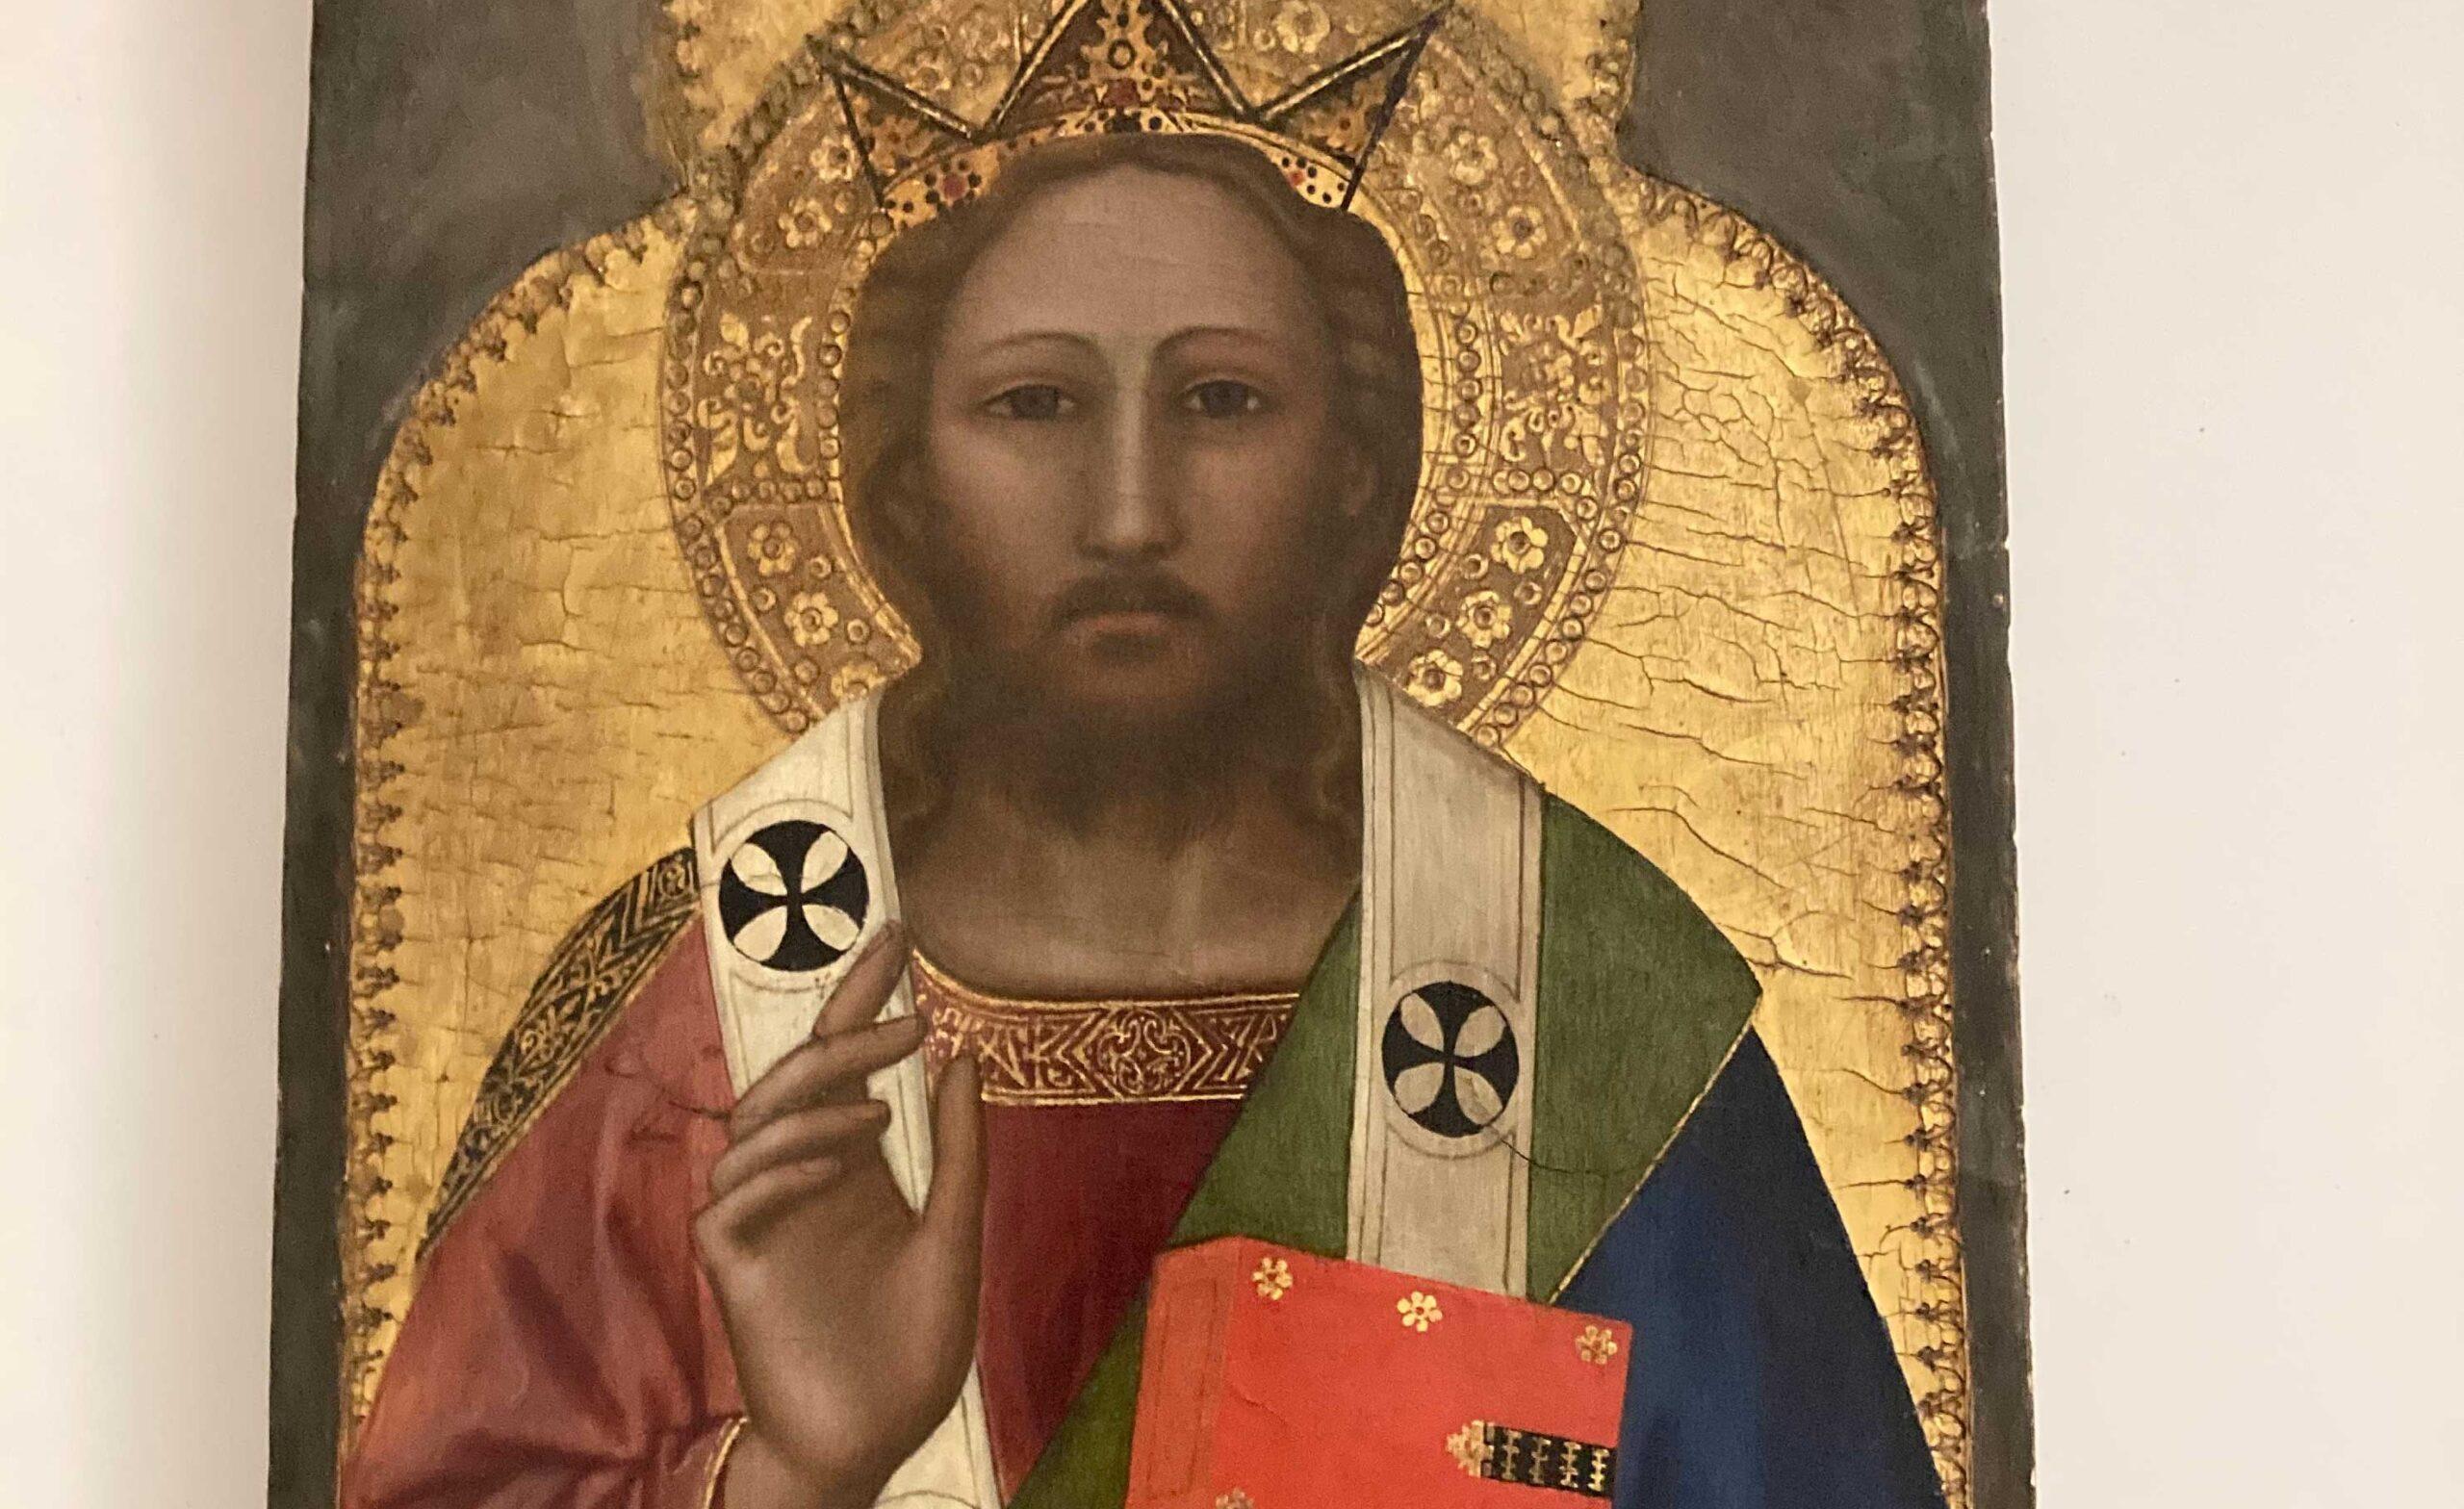 L'importantissimo Cristo Benedicente di Nardo di Cione torna in Italia, a Firenze